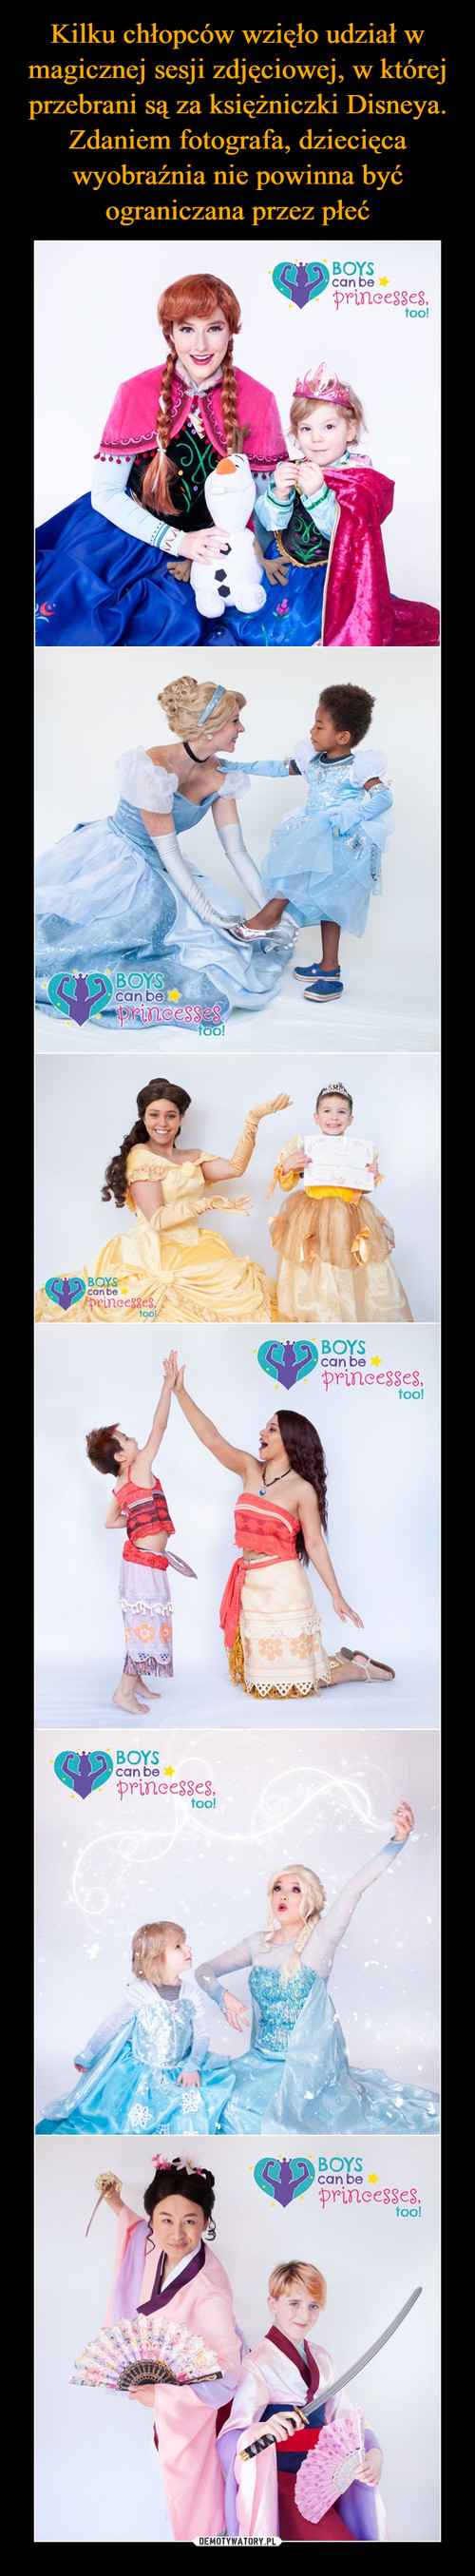 Kilku chłopców wzięło udział w magicznej sesji zdjęciowej, w której przebrani są za księżniczki Disneya. Zdaniem fotografa, dziecięca wyobraźnia nie powinna być ograniczana przez płeć